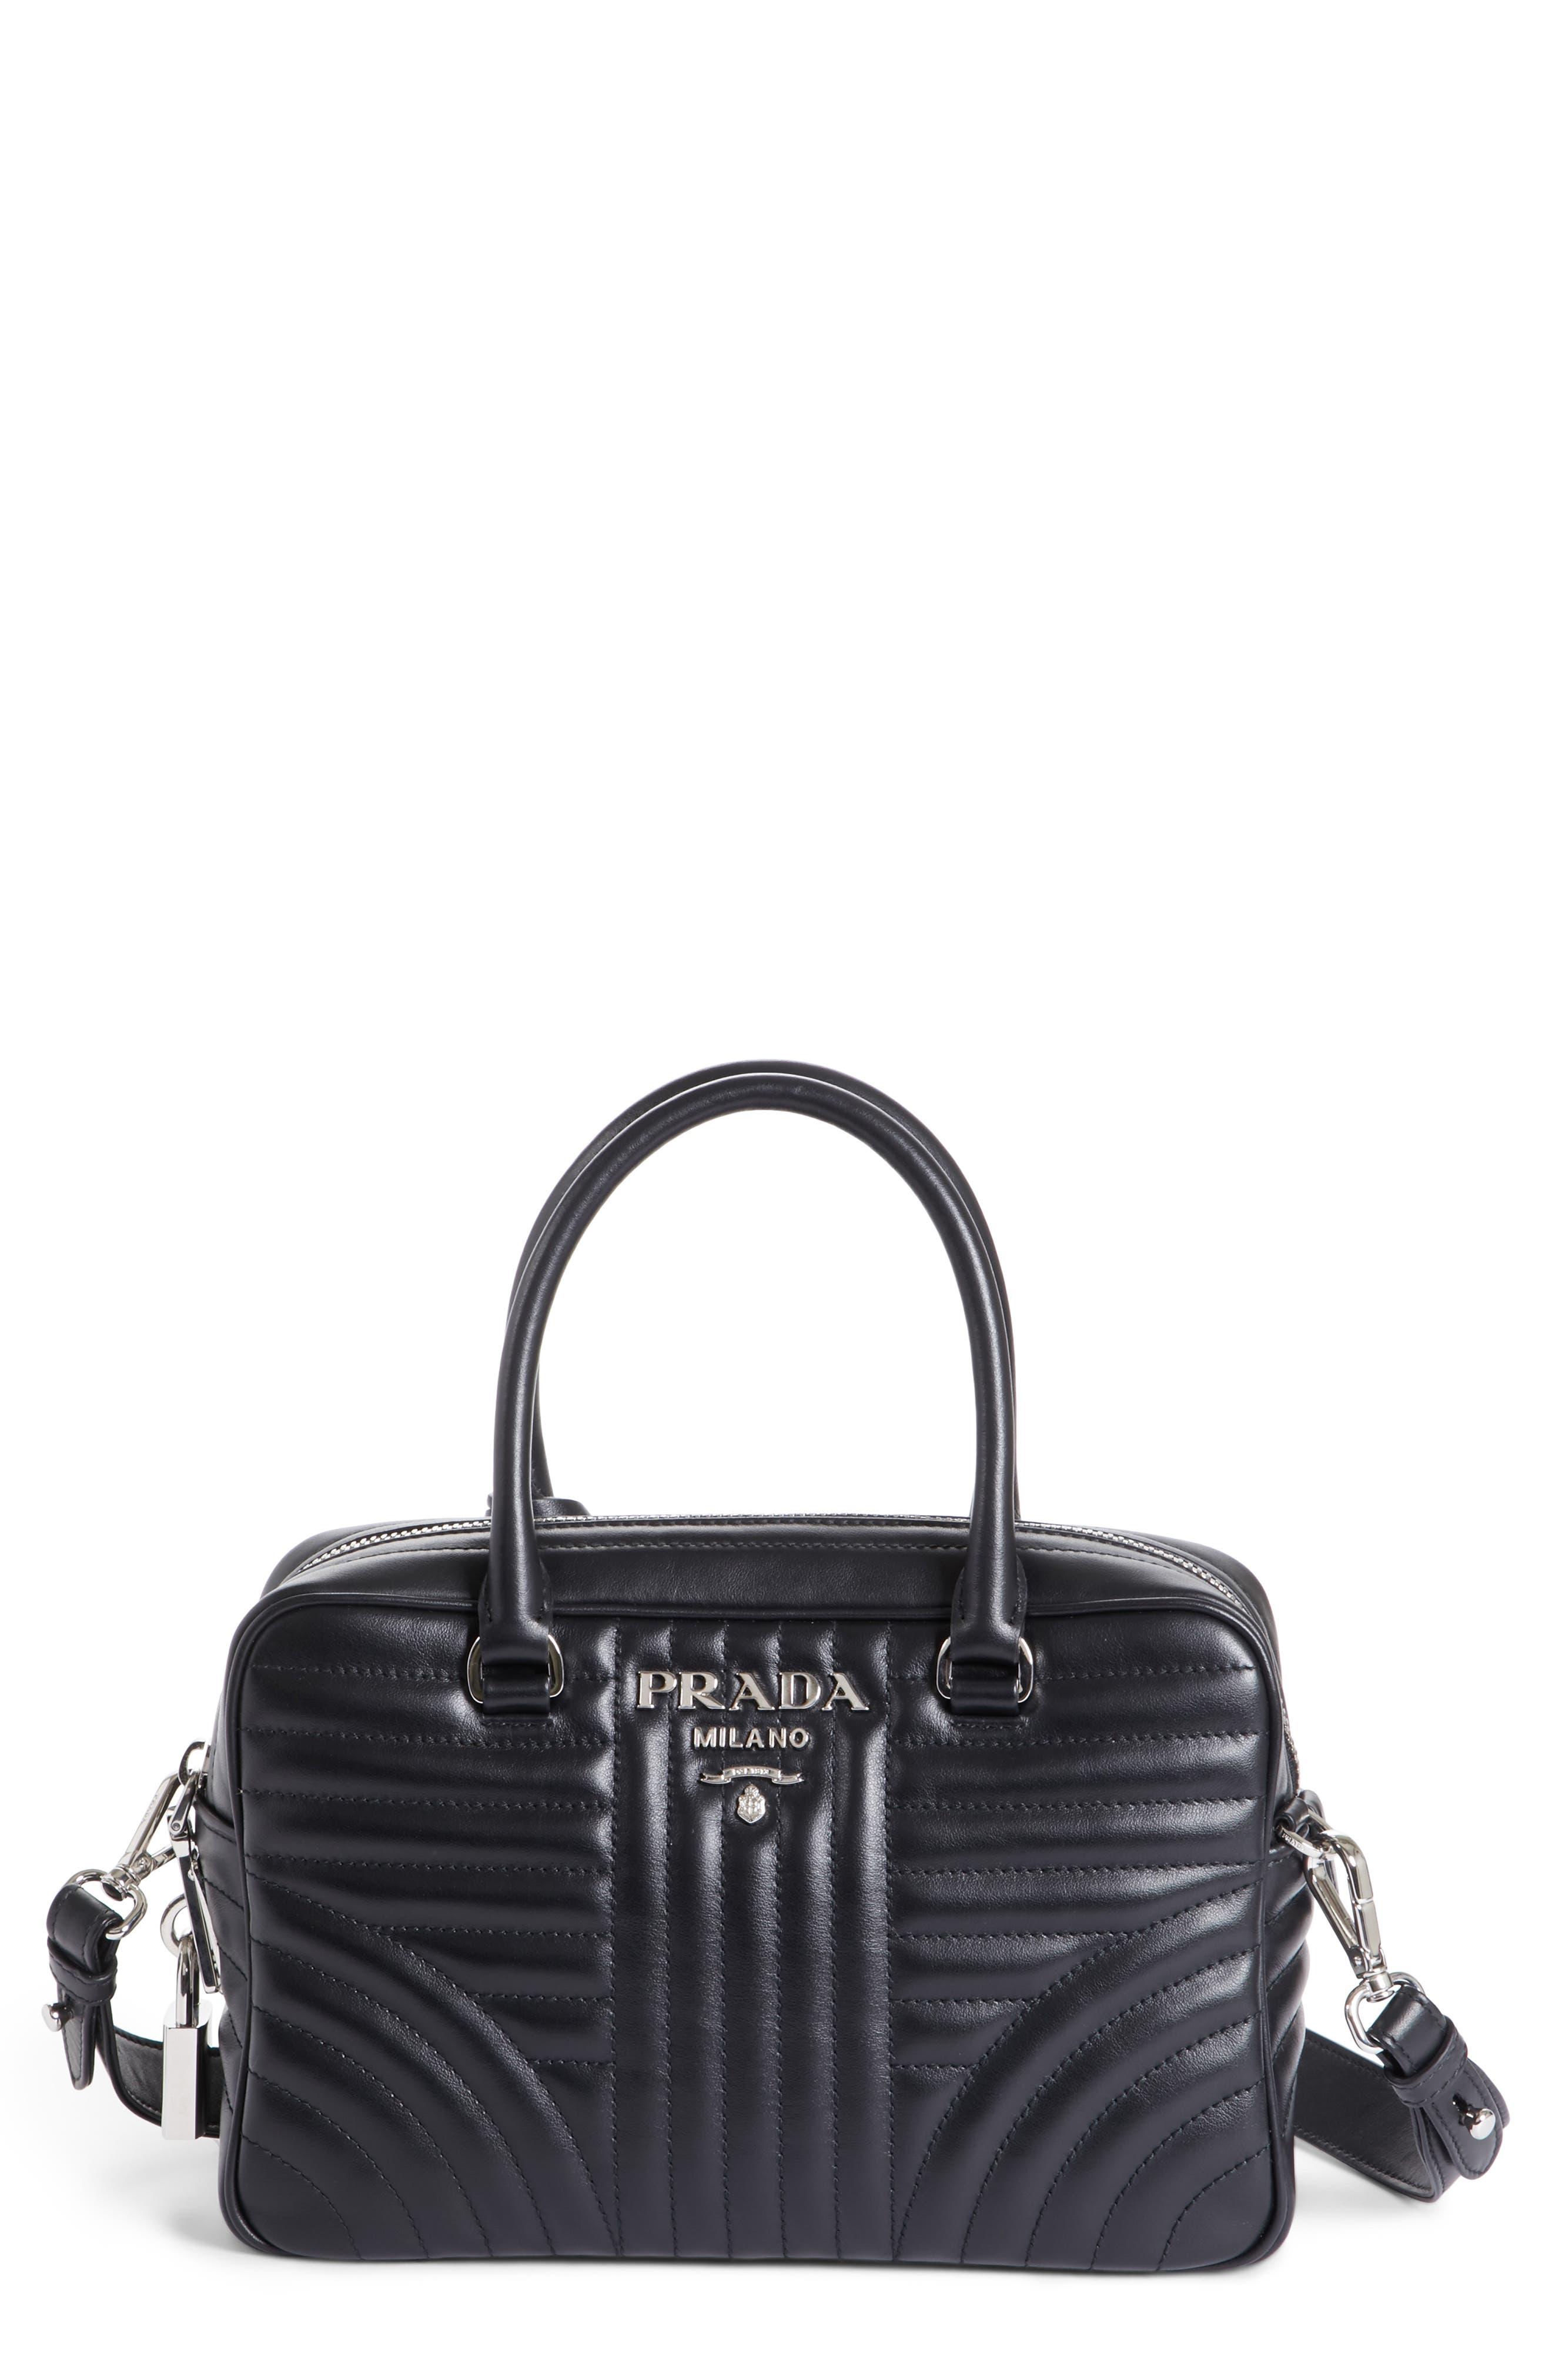 15323068e868 cheapest prada purse b8888 vela nero e1e02 18b8c  promo code for prada  small quilted bowler crossbody bag 52c4e 378cc